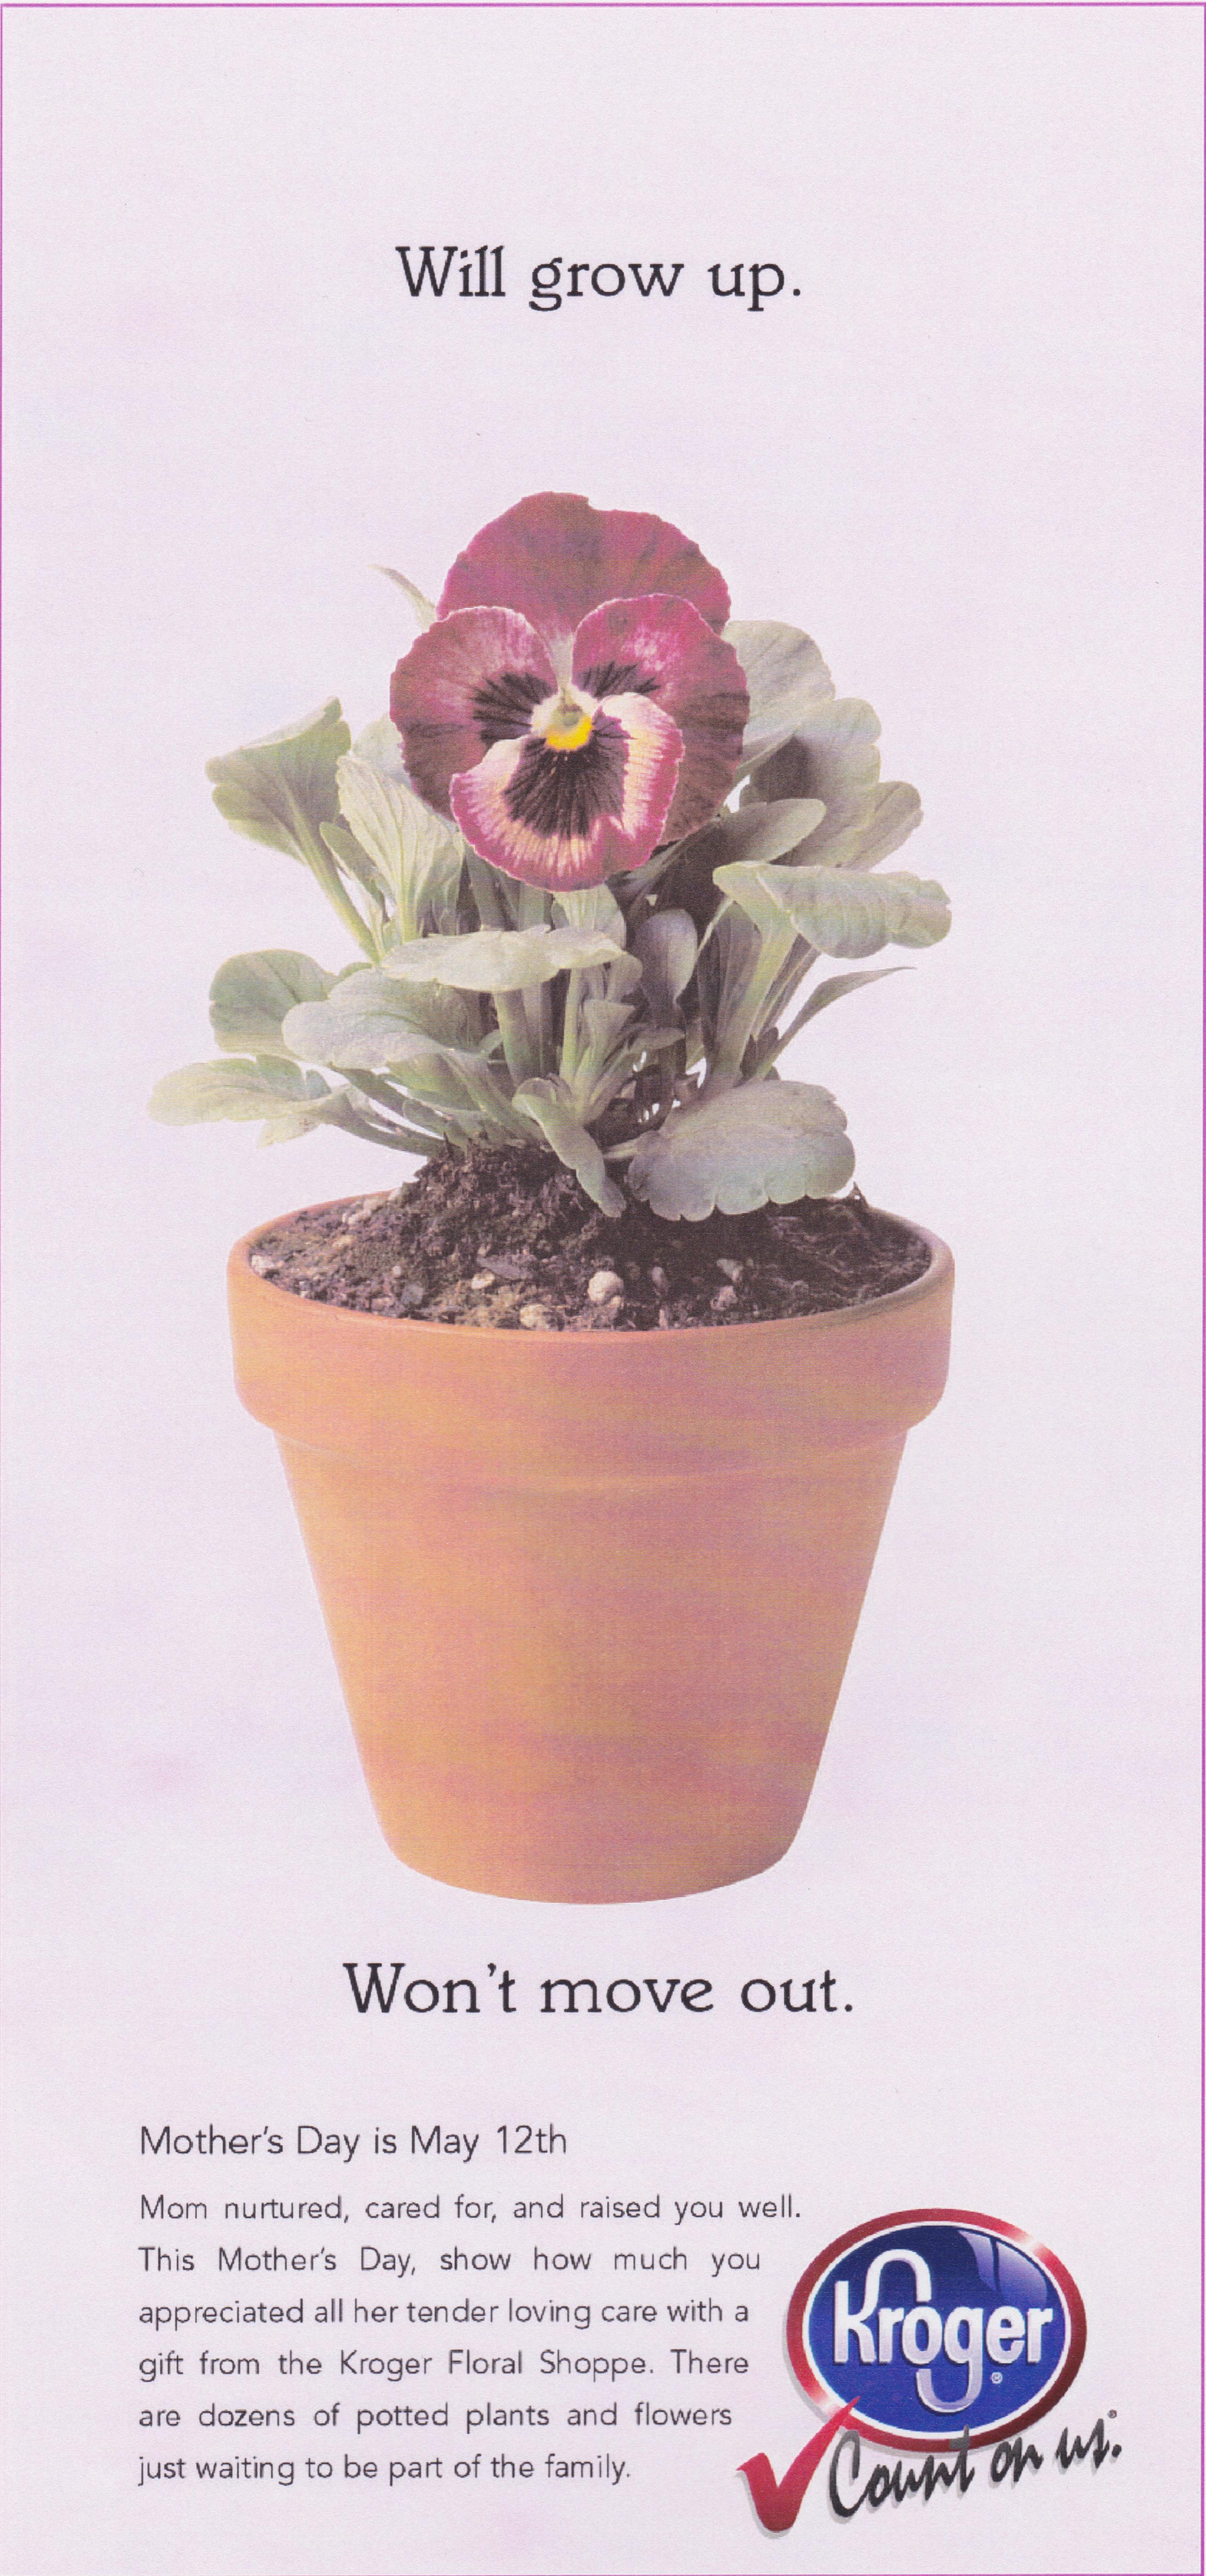 Kroger Flower Shoppe Print Ad